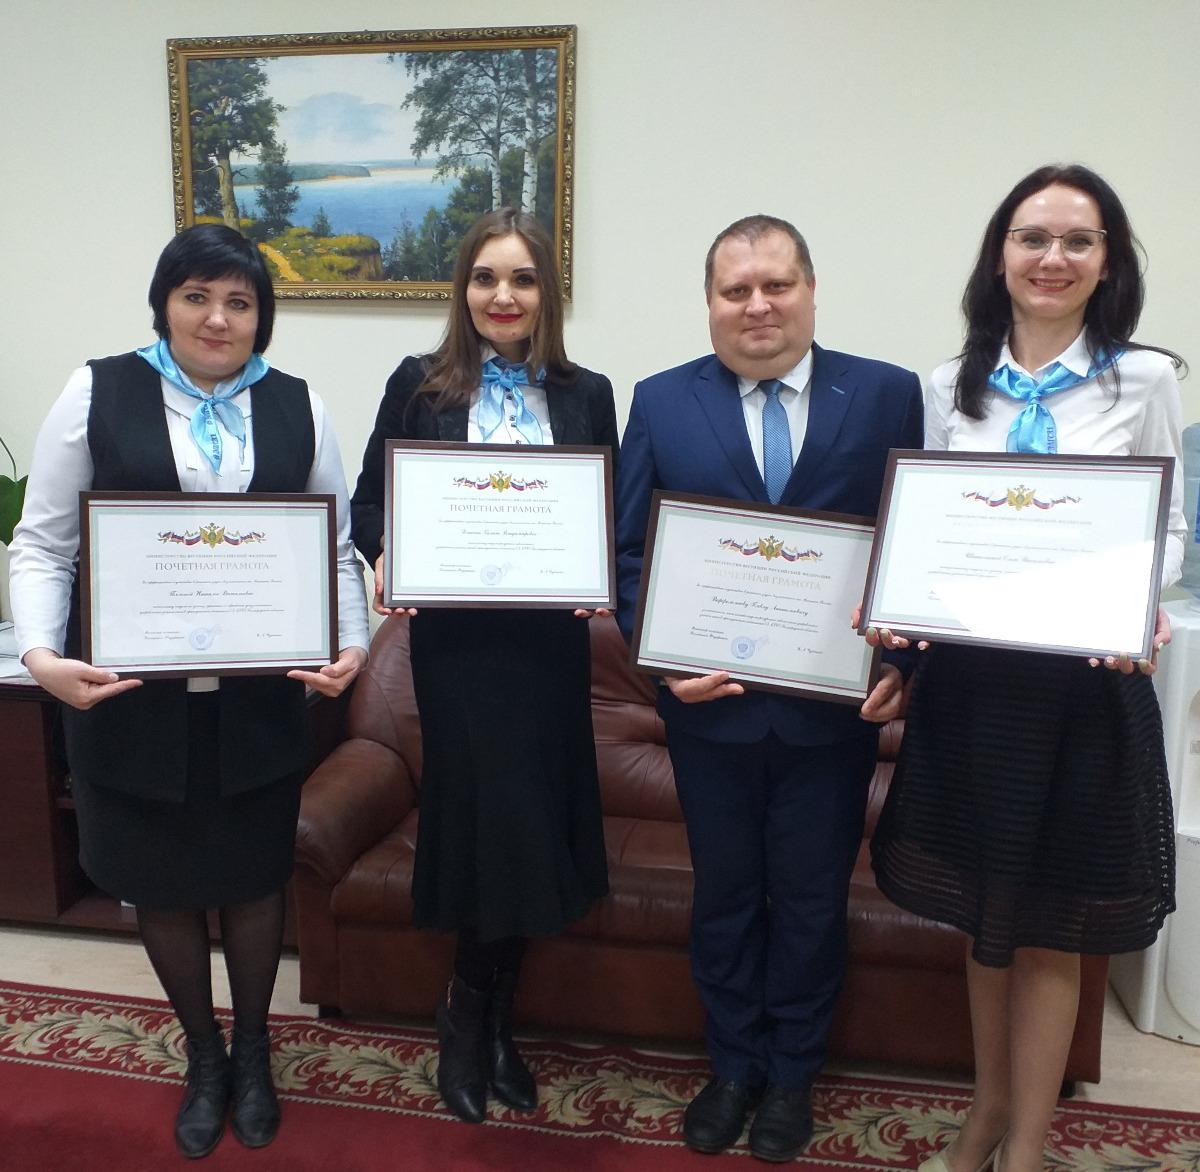 Сотрудники управления ЗАГС Белгородской области получили ведомственные награды